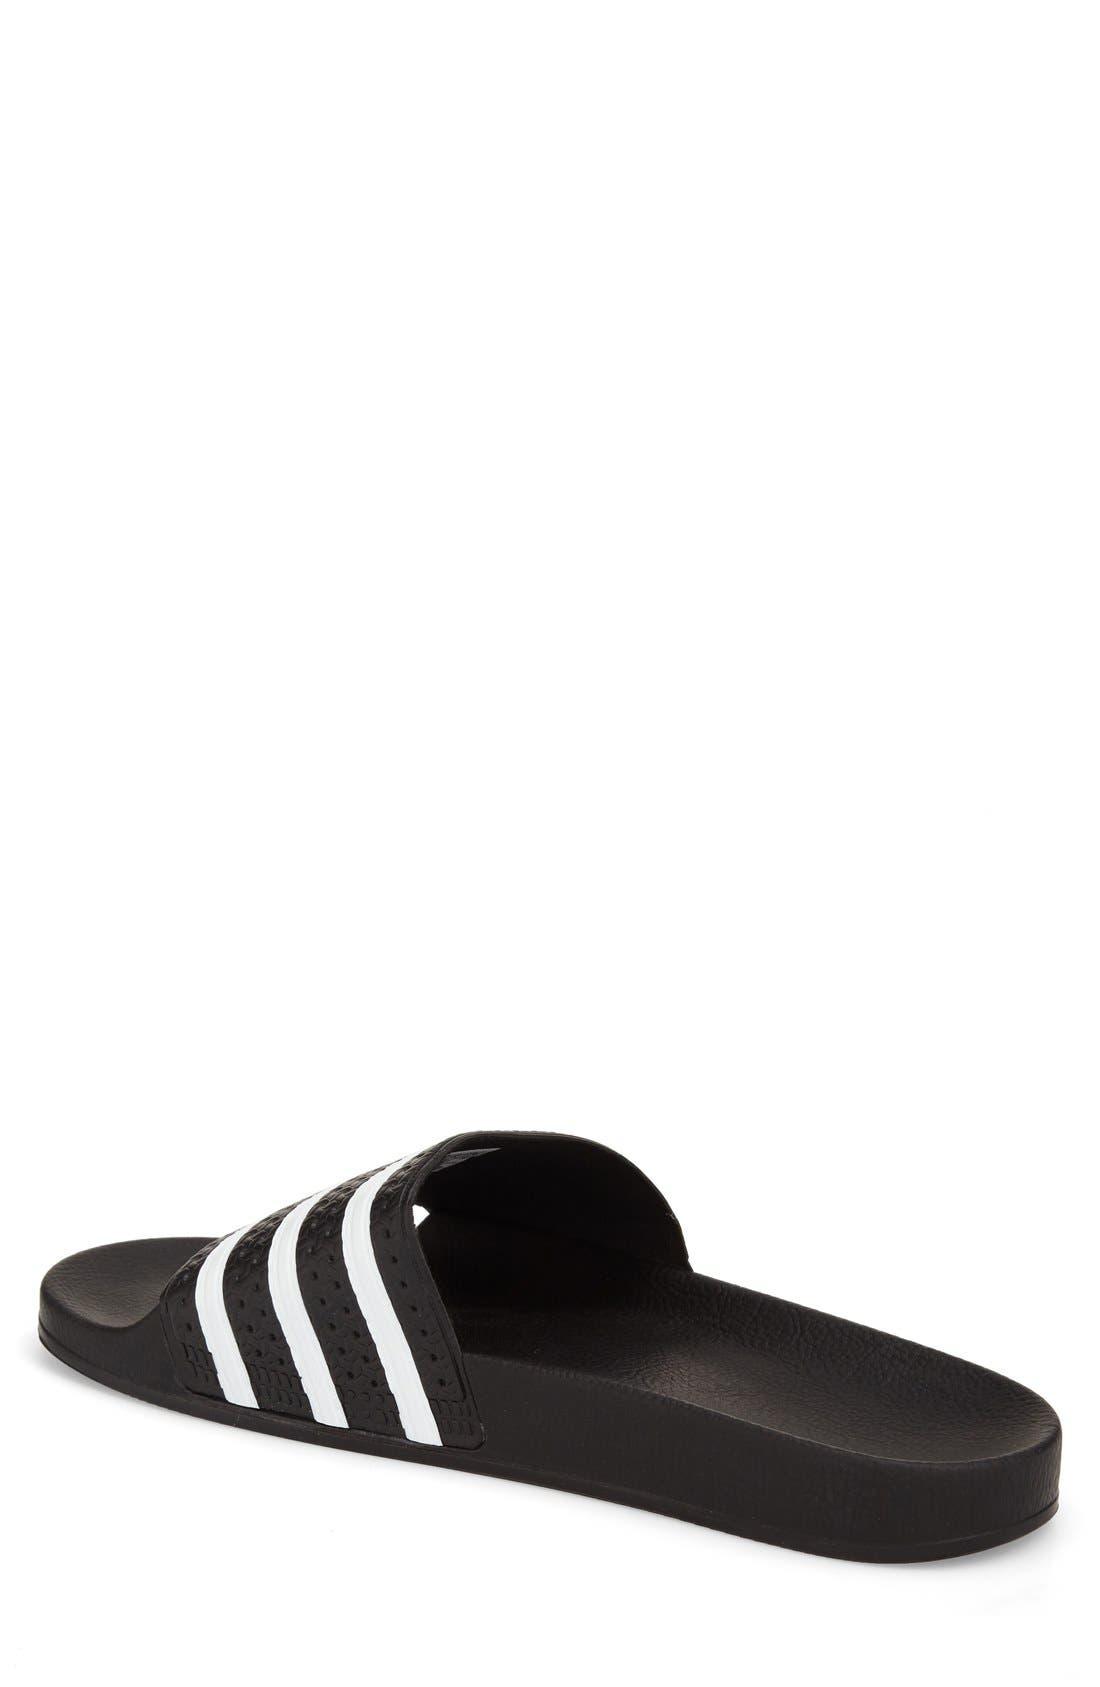 'Adilette' Slide Sandal,                             Alternate thumbnail 2, color,                             Black/ White/ Black